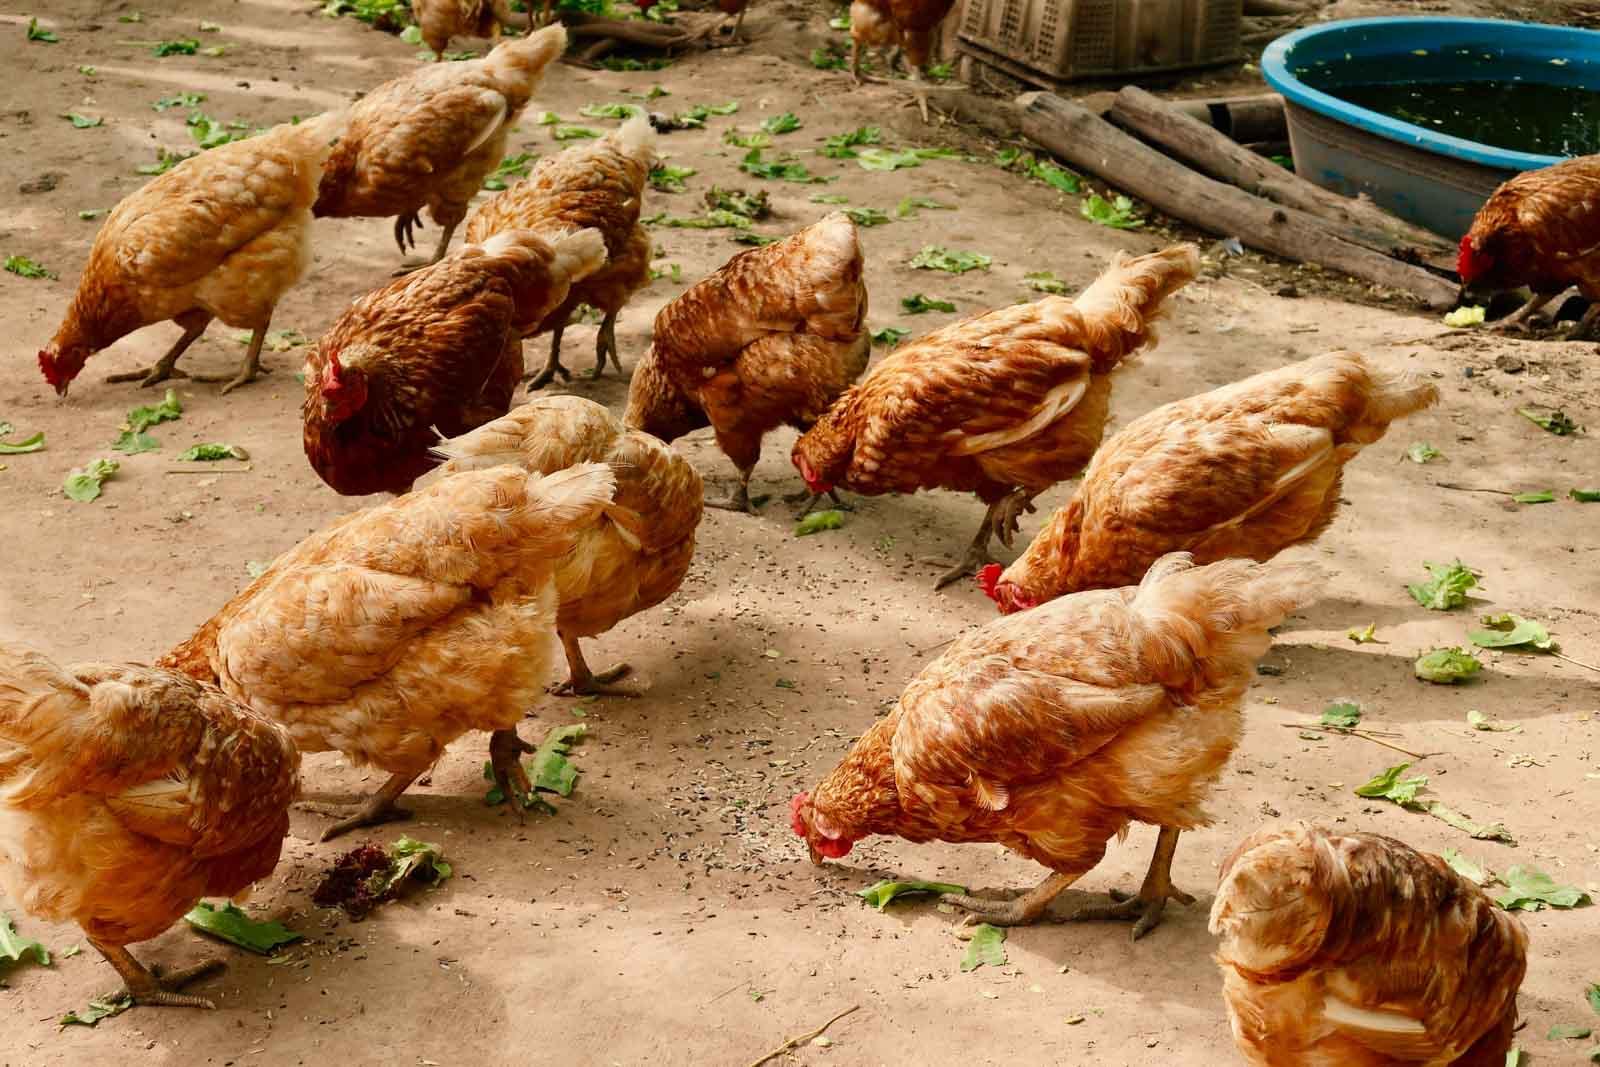 Des poules qui mangent du riz par terre